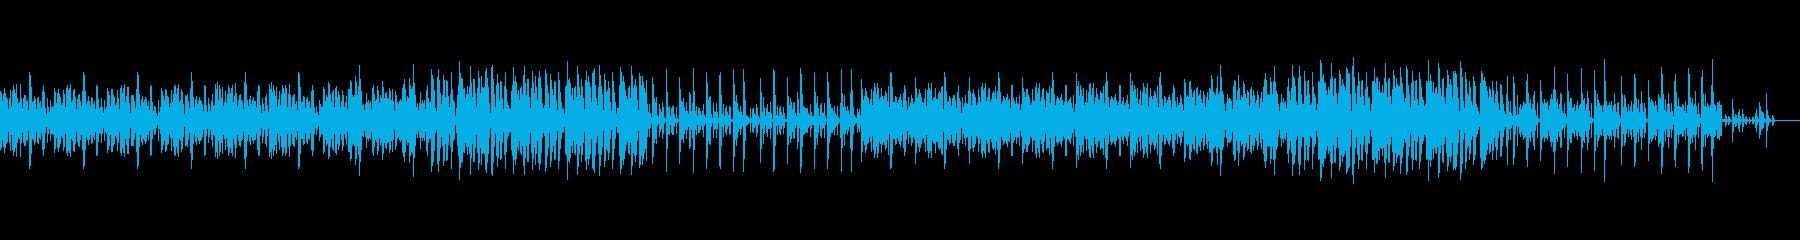 (s002)静かに楽しいトークになる音楽の再生済みの波形